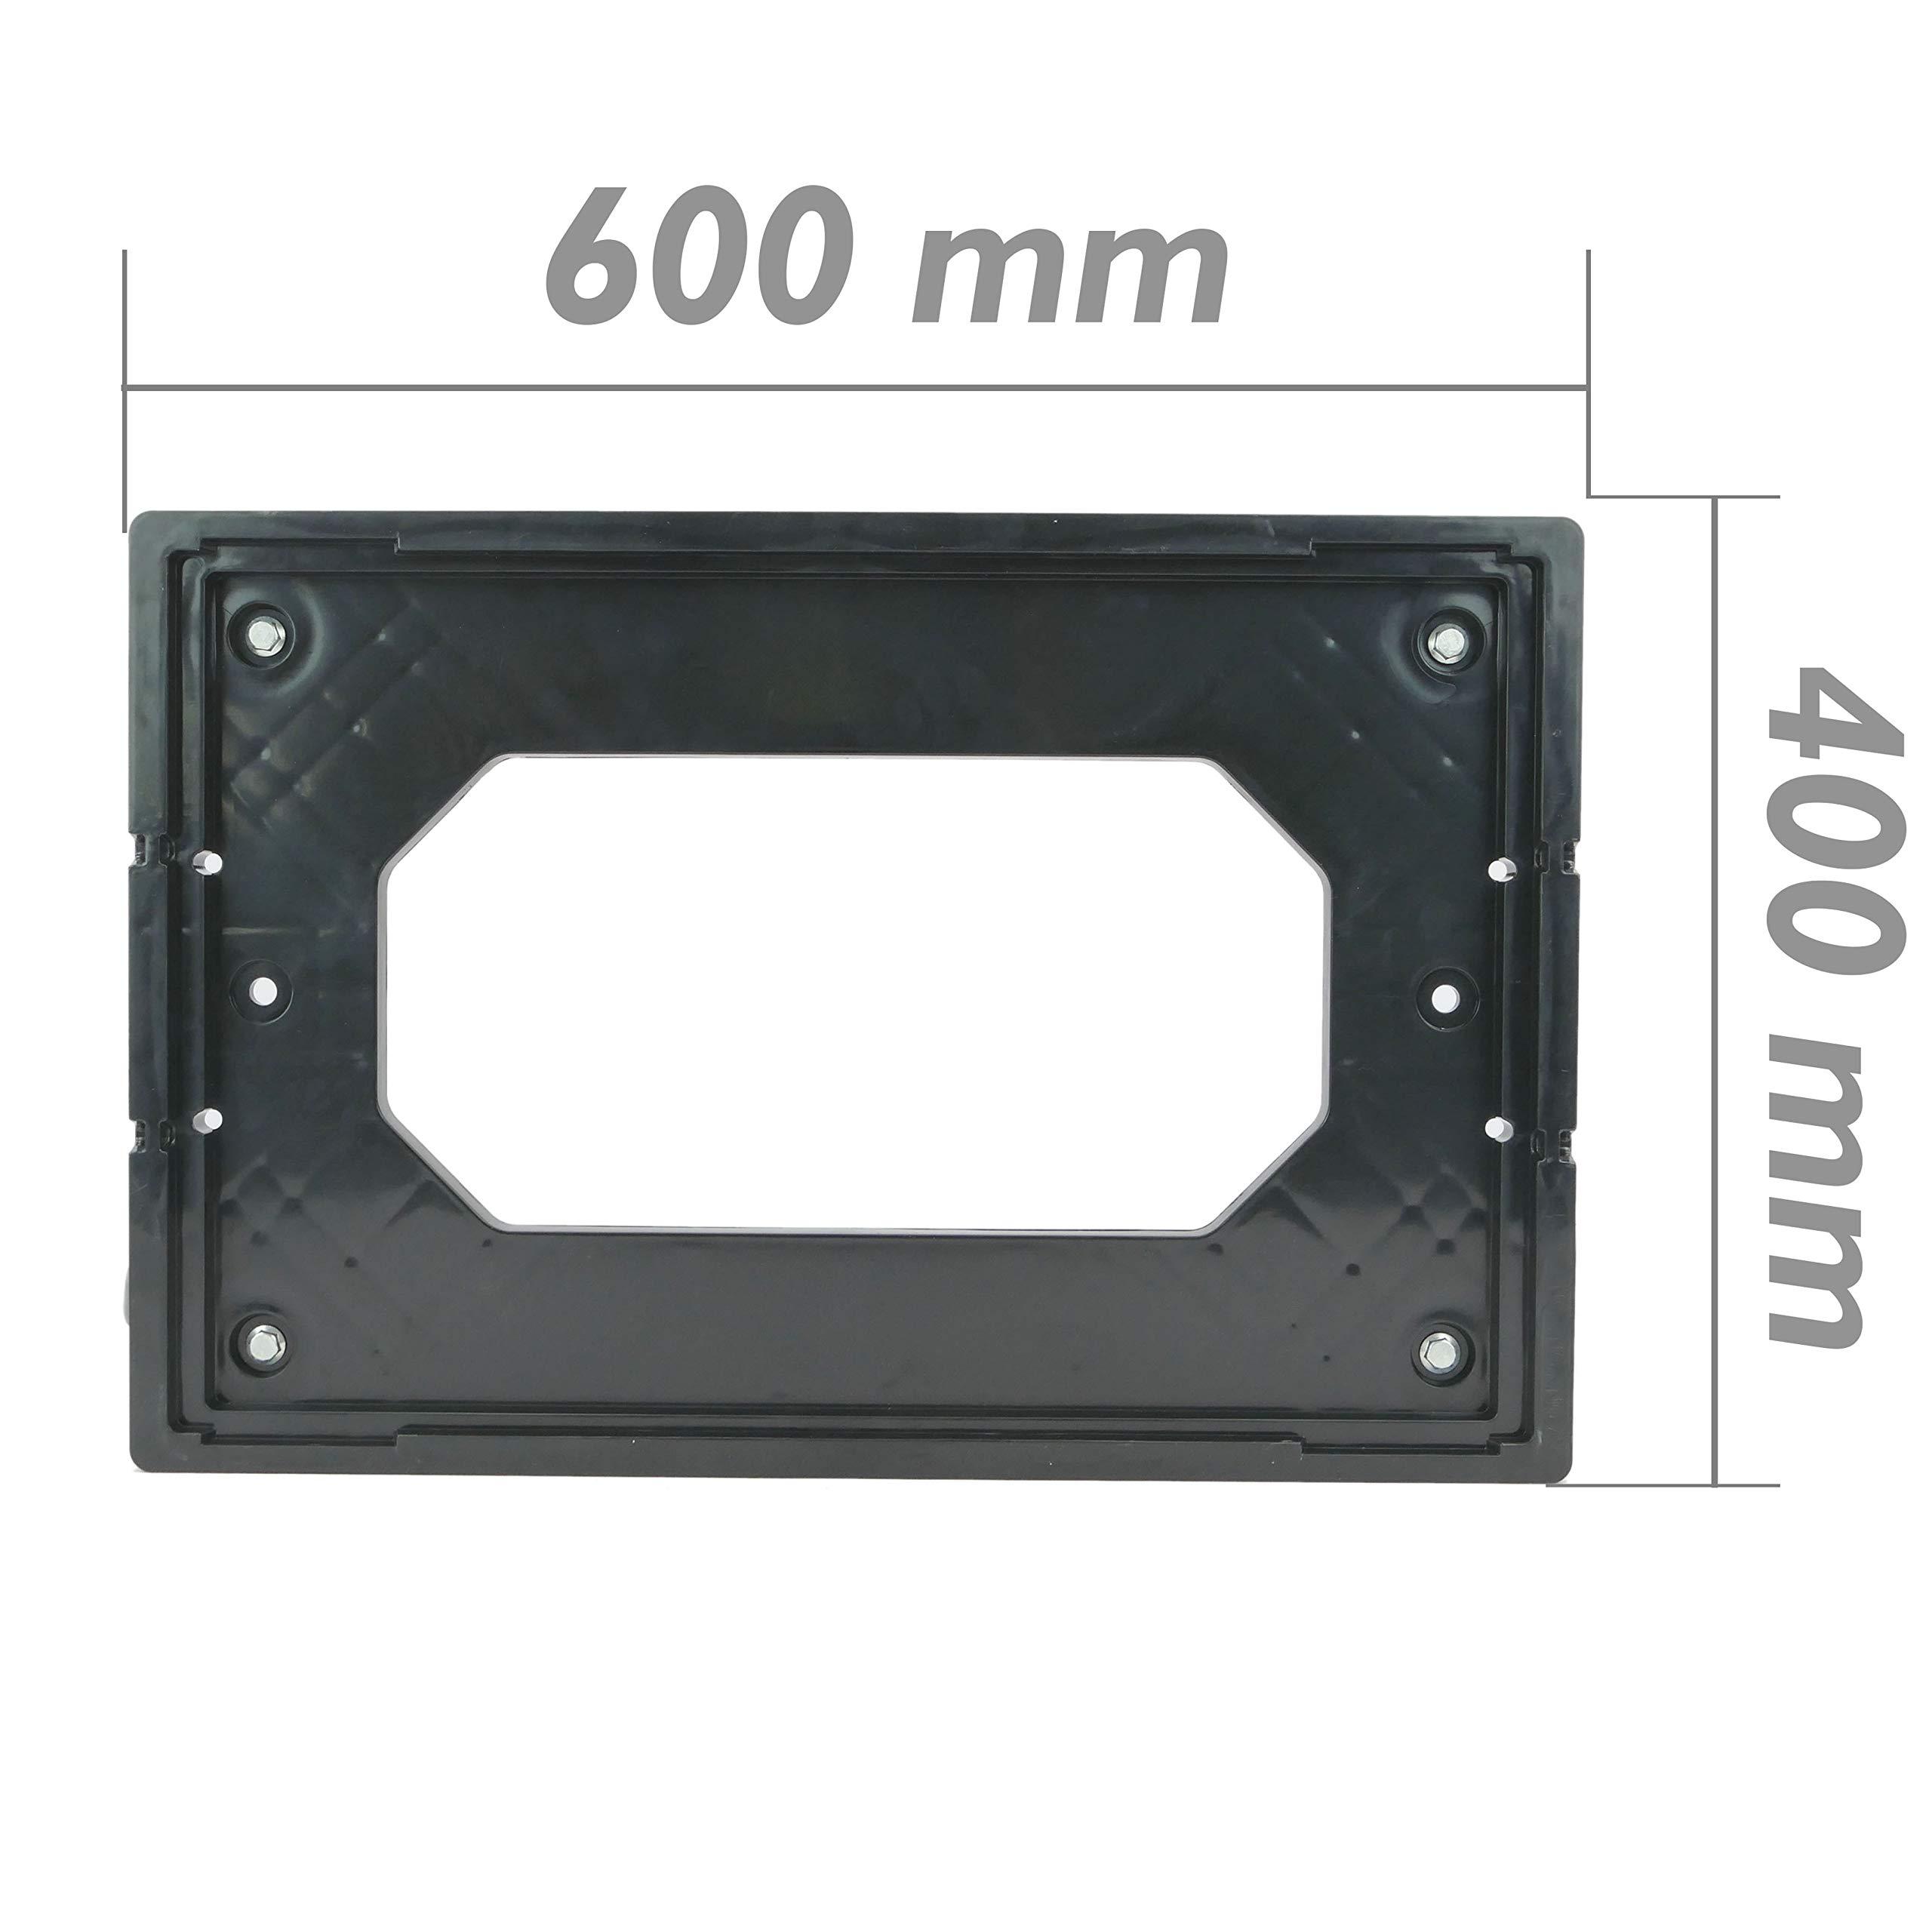 PrimeMatik - Platform with Wheels for Carrying Eurobox Boxes 60 x 40 cm (KA081) by PrimeMatik (Image #5)